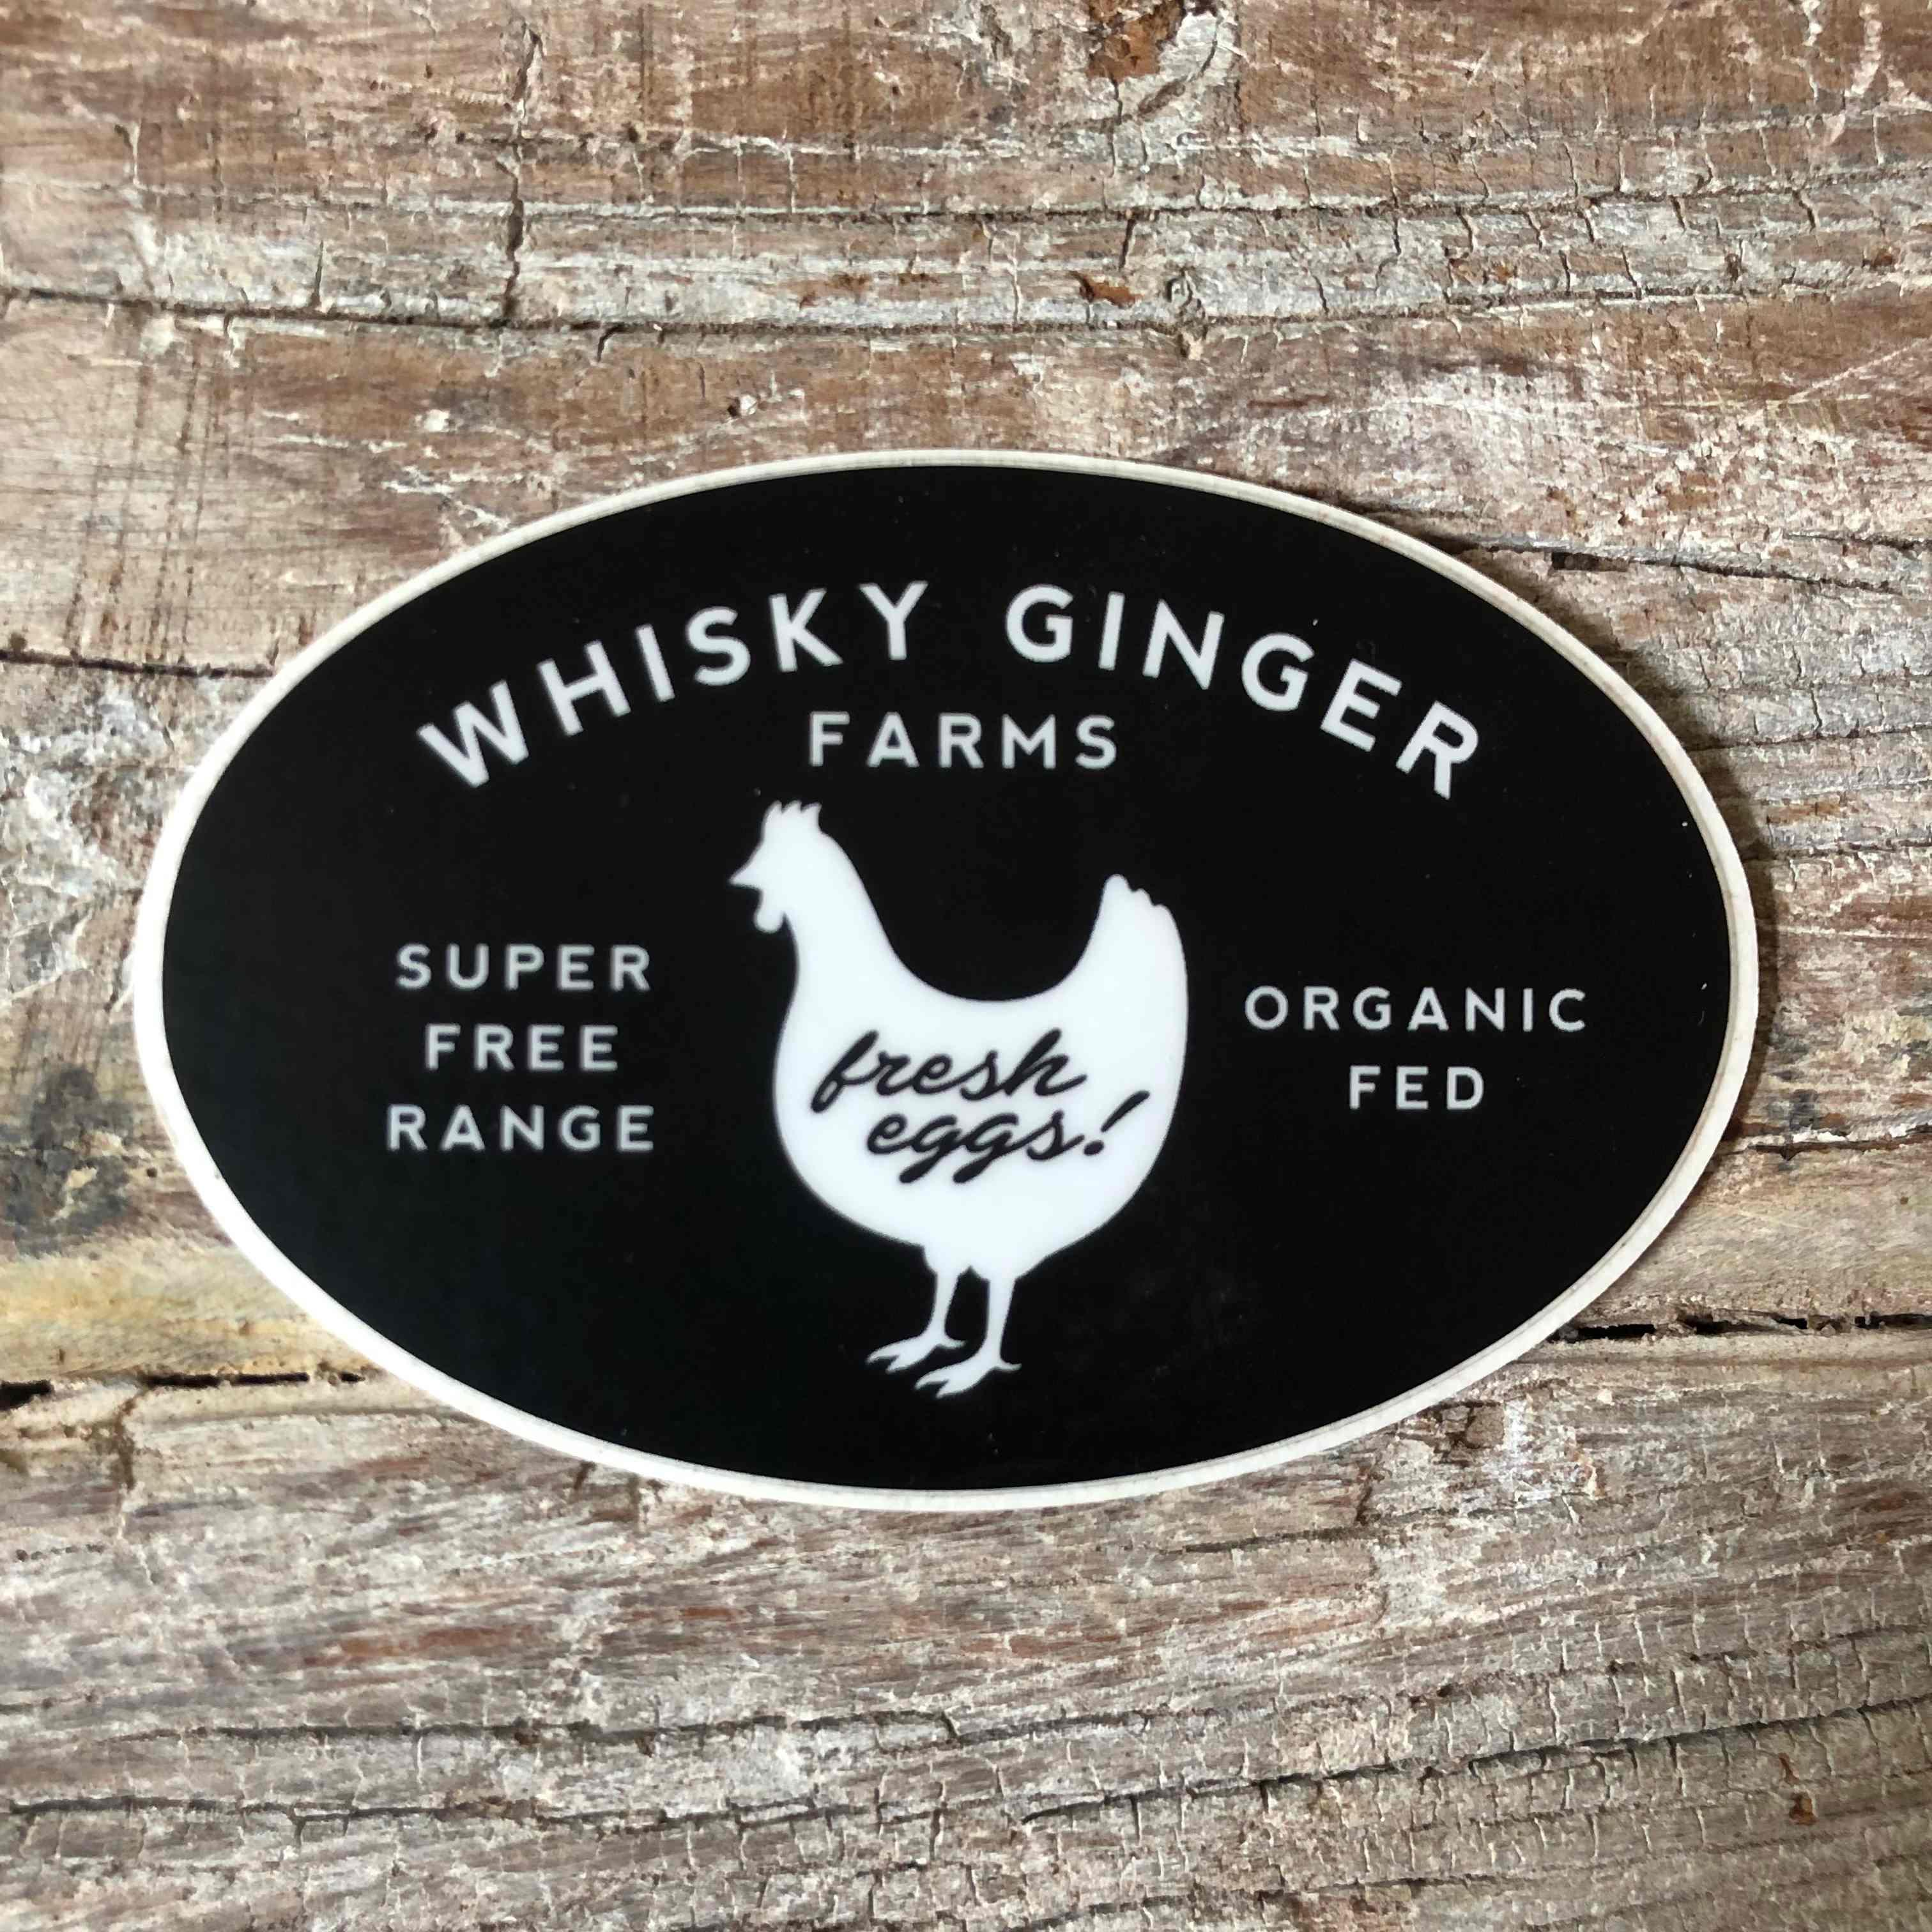 Whisky Ginger